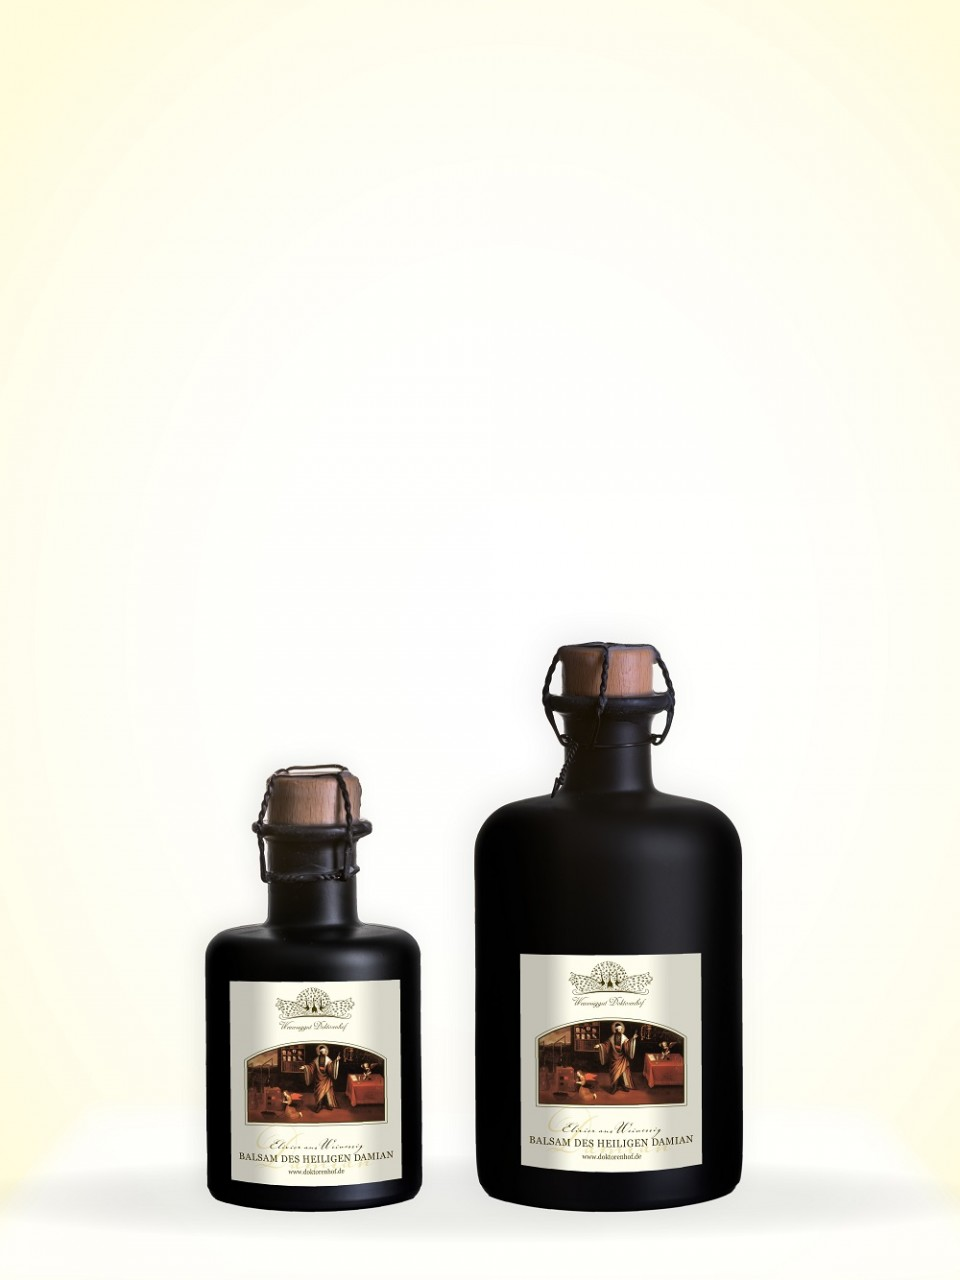 Balsam des heiligen Damian-5-Liter Bag-in-Box Sonderpreis